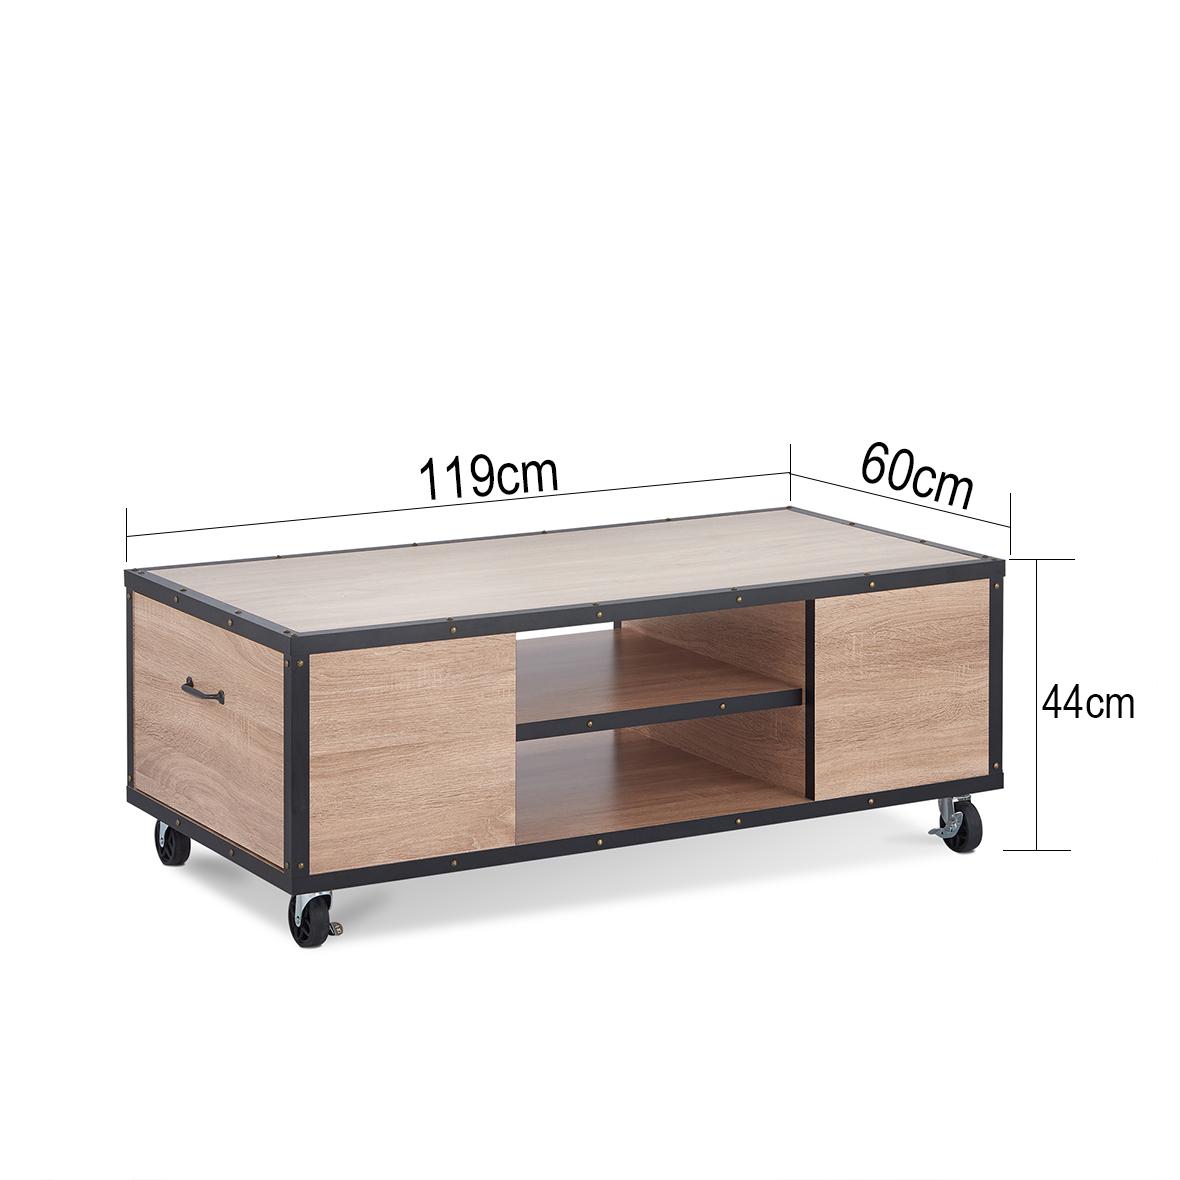 Mesa de centro móvil industrial del país | Fabricantes de muebles ...